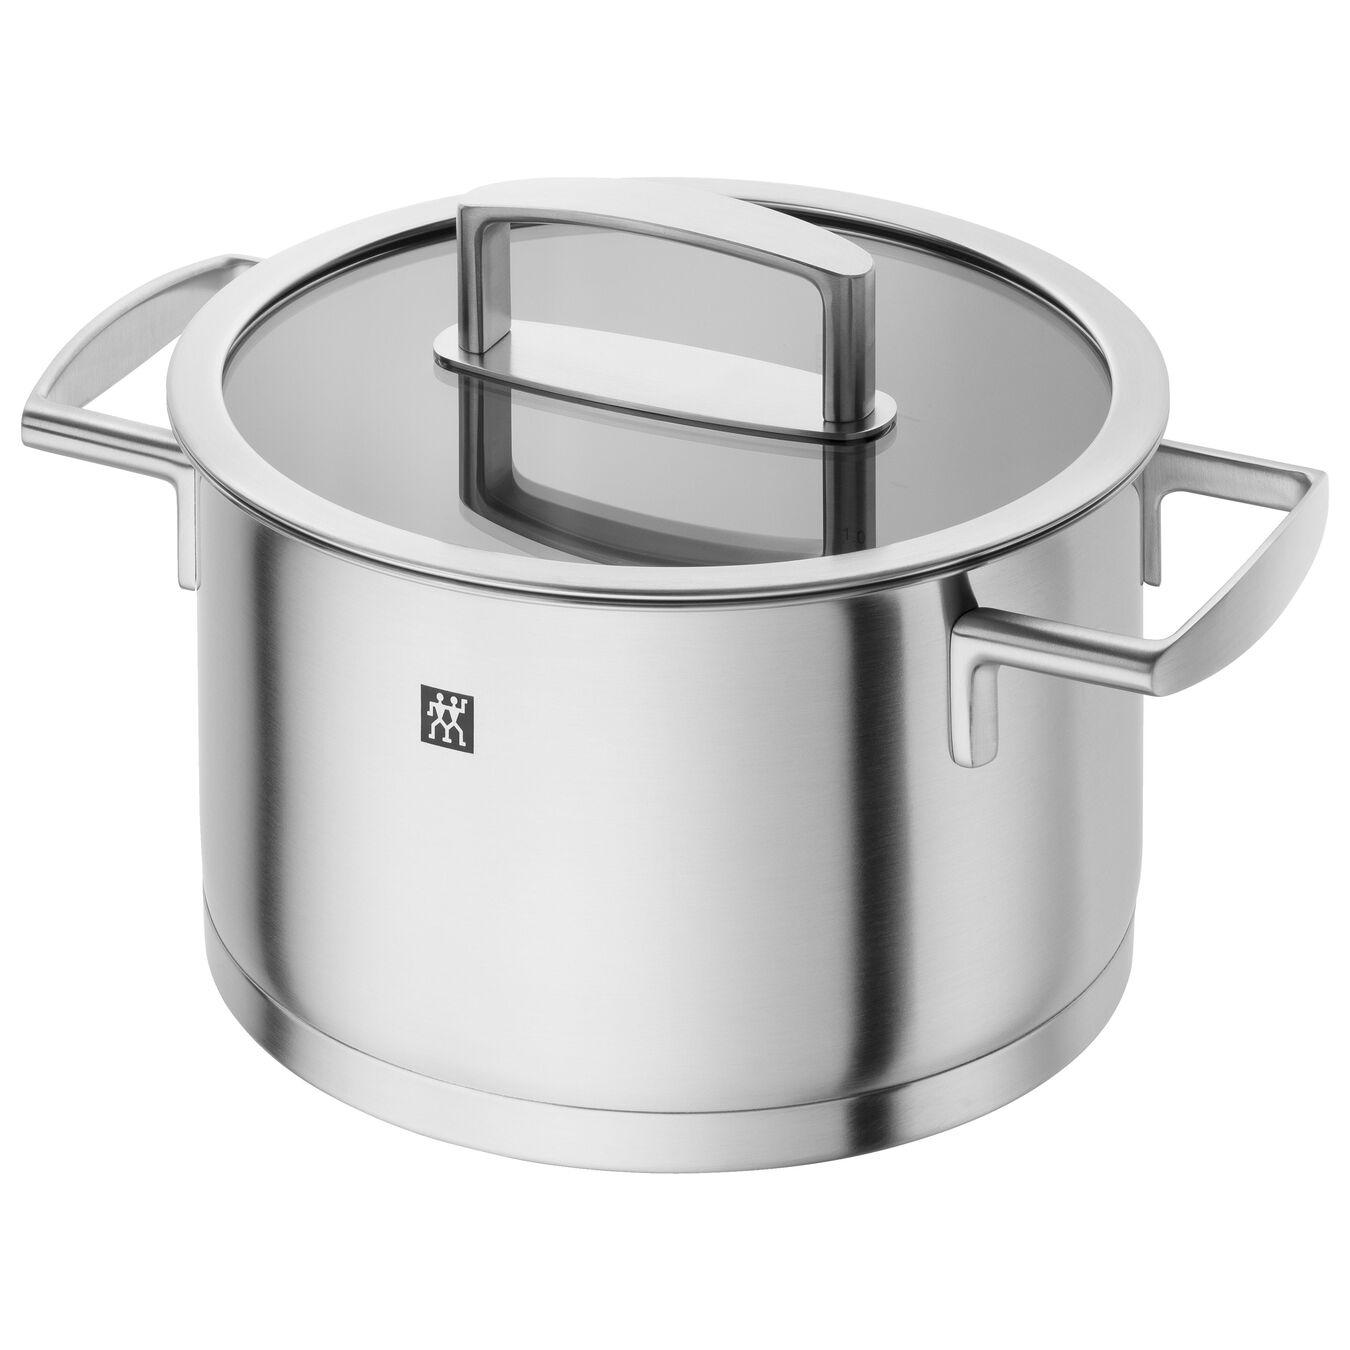 Ensemble de casseroles 3-pcs, Inox 18/10,,large 4